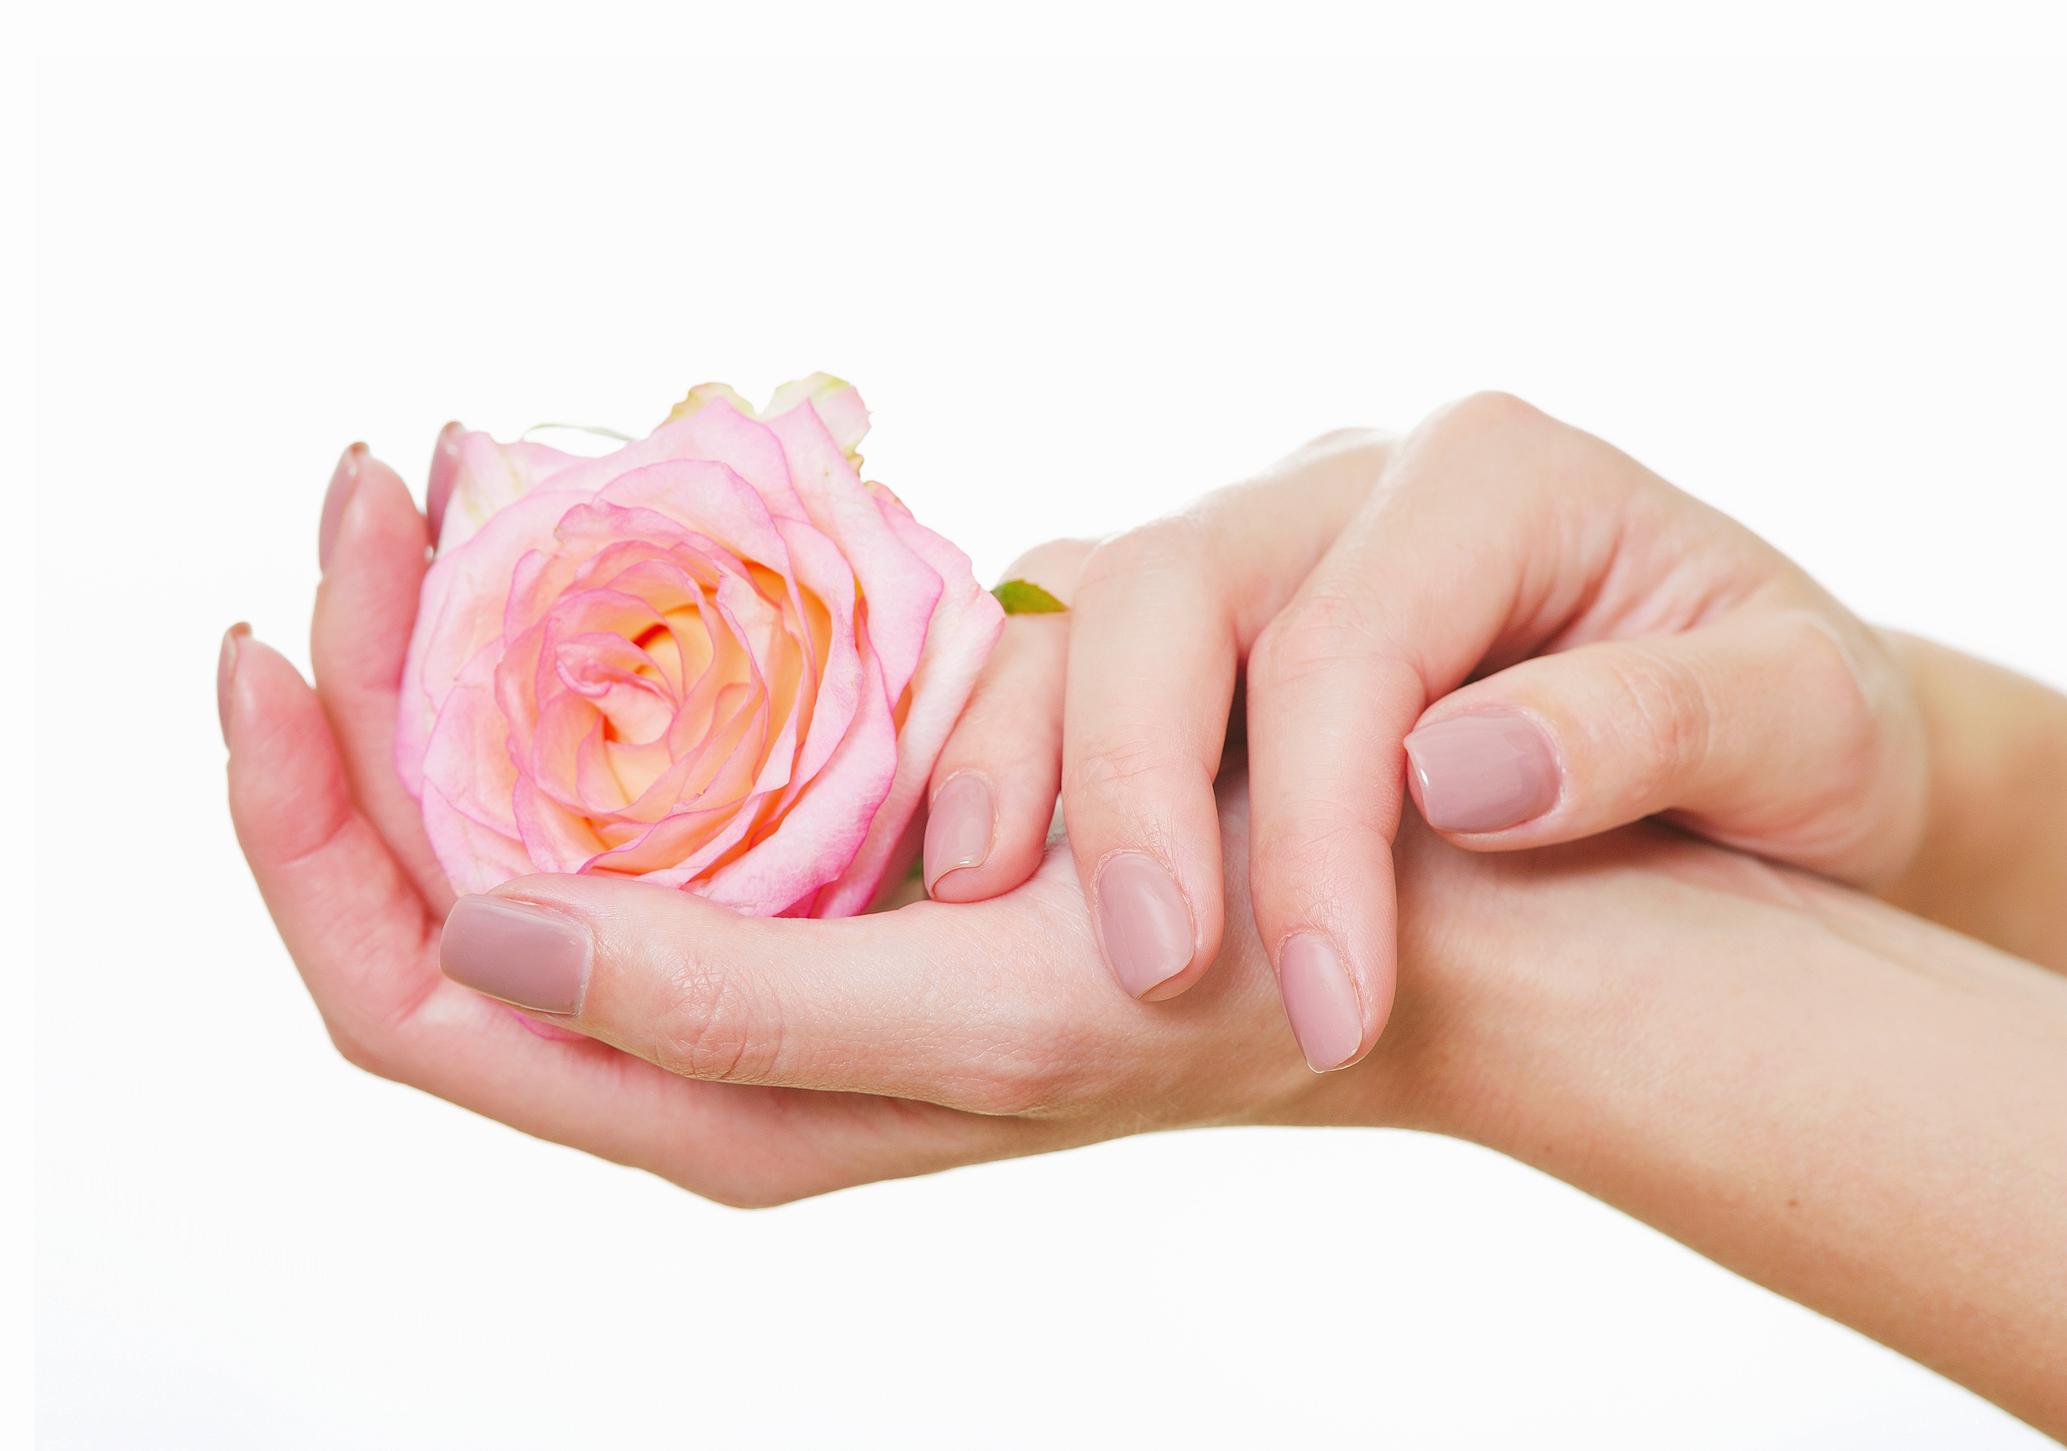 Розово масло - Ако сте от дамите, които нямат миялна машина вкъщи, а ежедневно мият съдовете си ръчно, вероятно знаете как понякога препаратите изсушават кожата на ръцете ни. В този случай препоръчвам розовото масло или розова вода. То е с перфектно балансирано съдържание на омега-3 и омега-6 есенциални мастни киселини - от съществено значение за поддържане на кожата хидратирана и стегната. Спомага и за подновяването на клетъчните мембрани и регенерирането на кожата на ръцете.